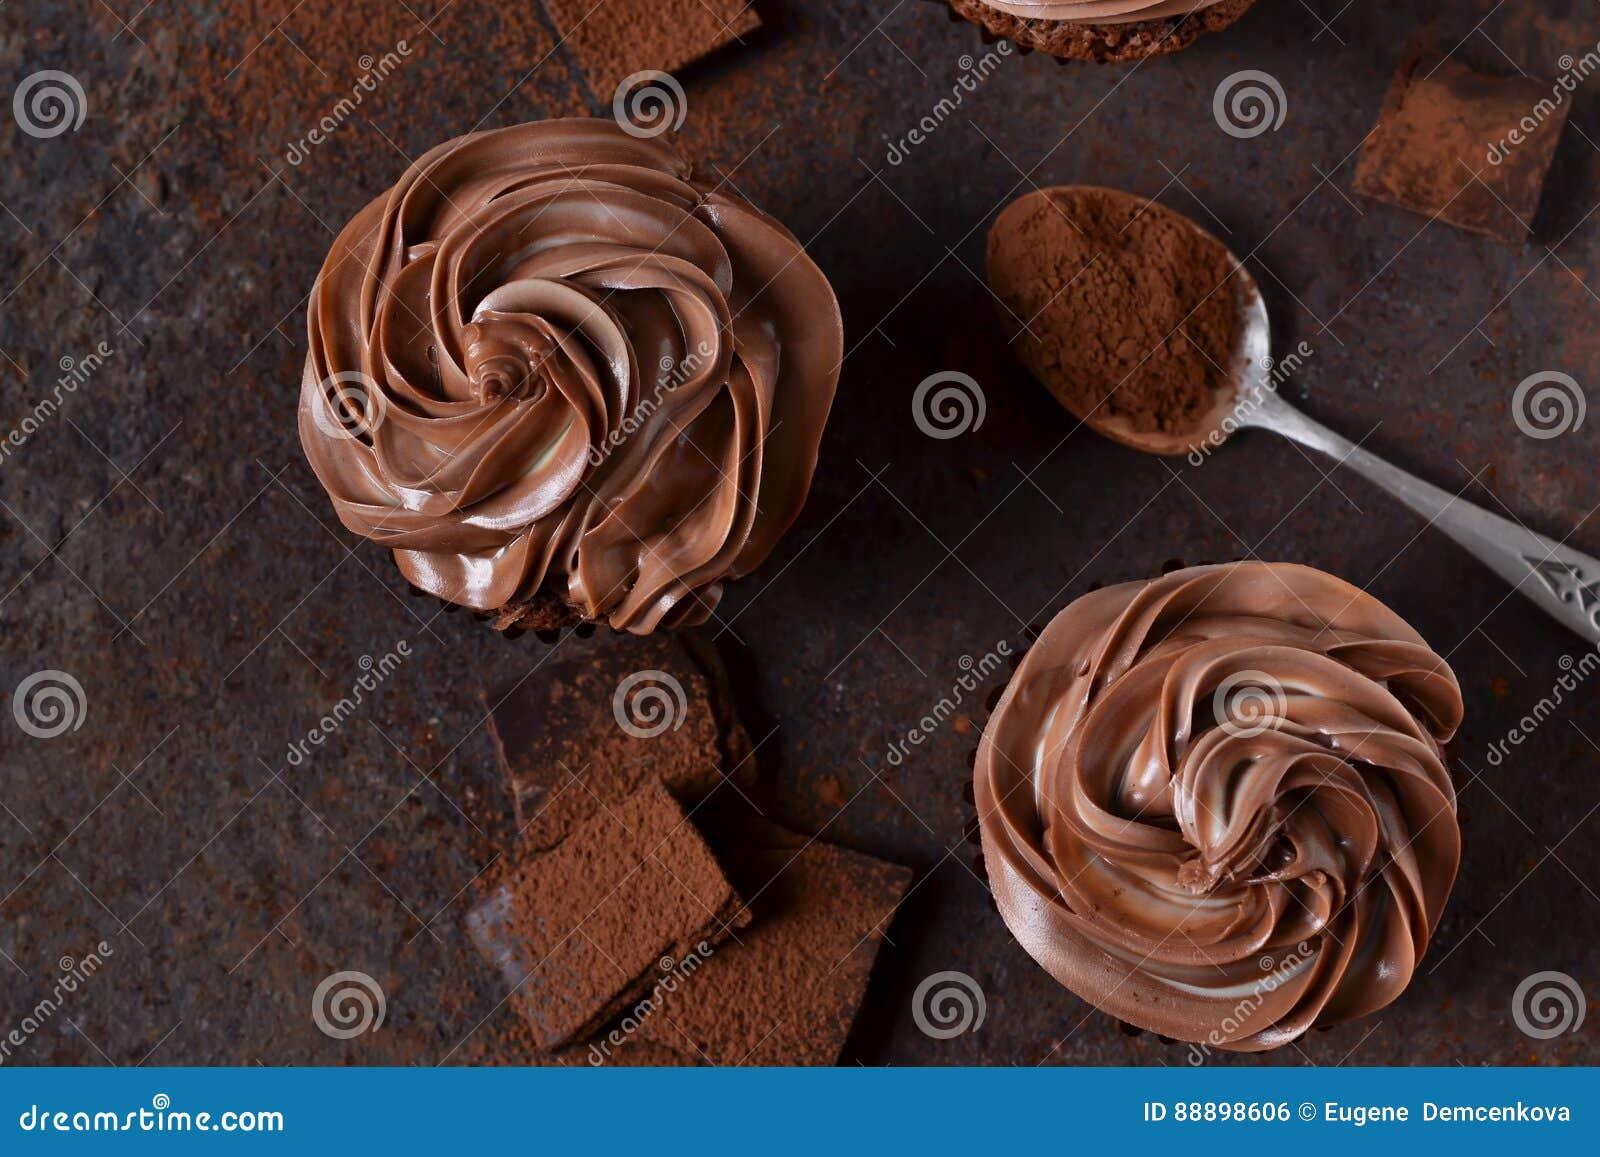 与花生酱的巧克力杯形蛋糕